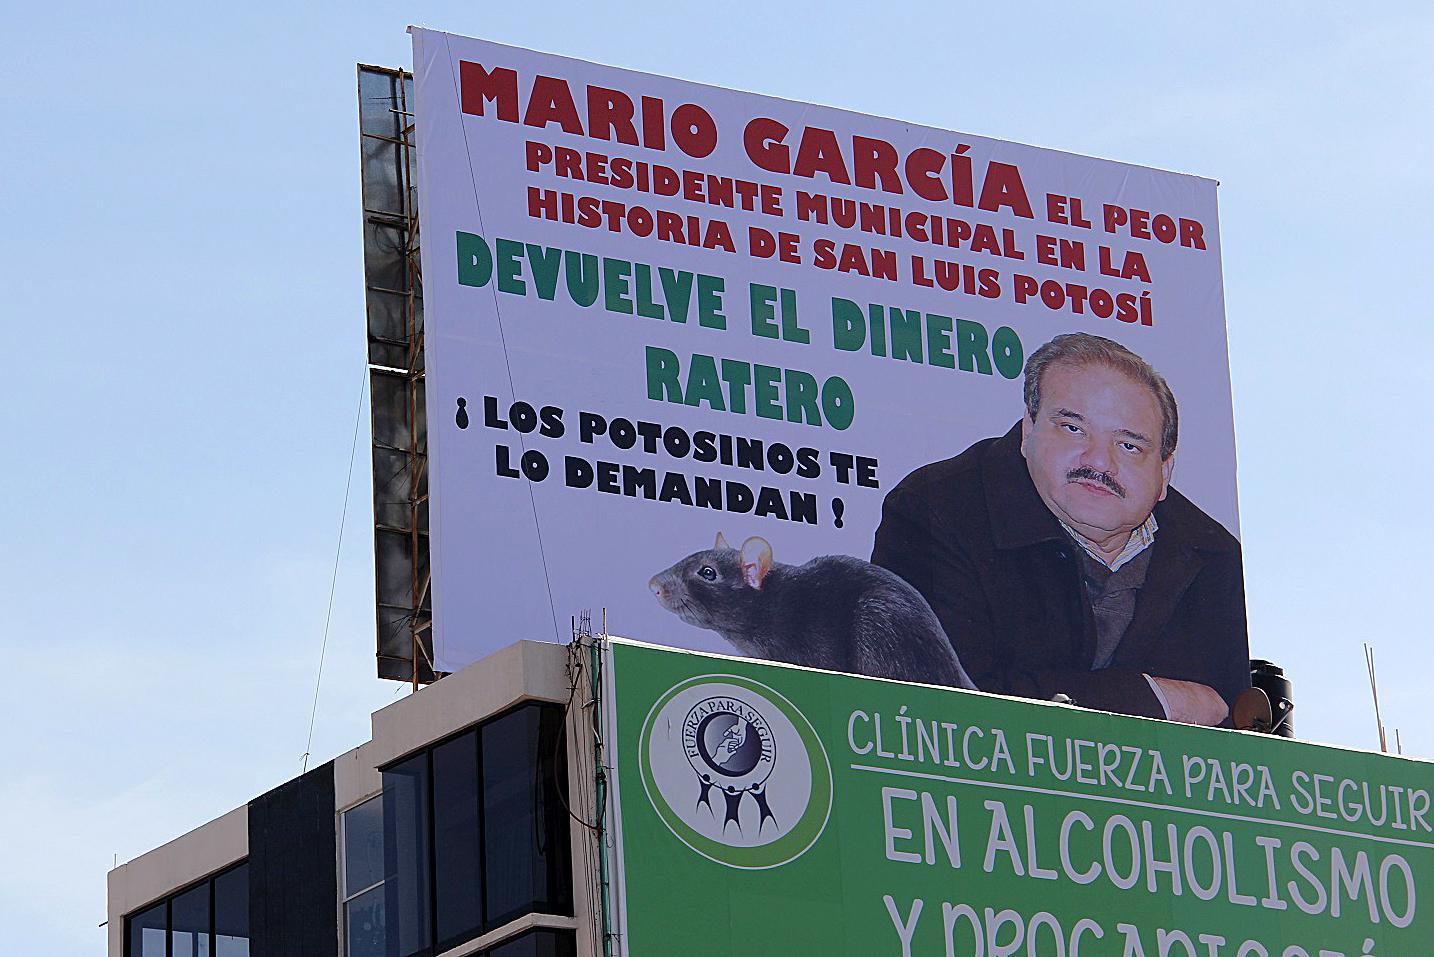 Mario García desgrana elogios a Gallardo Cardona por gestionar construcción de un techo